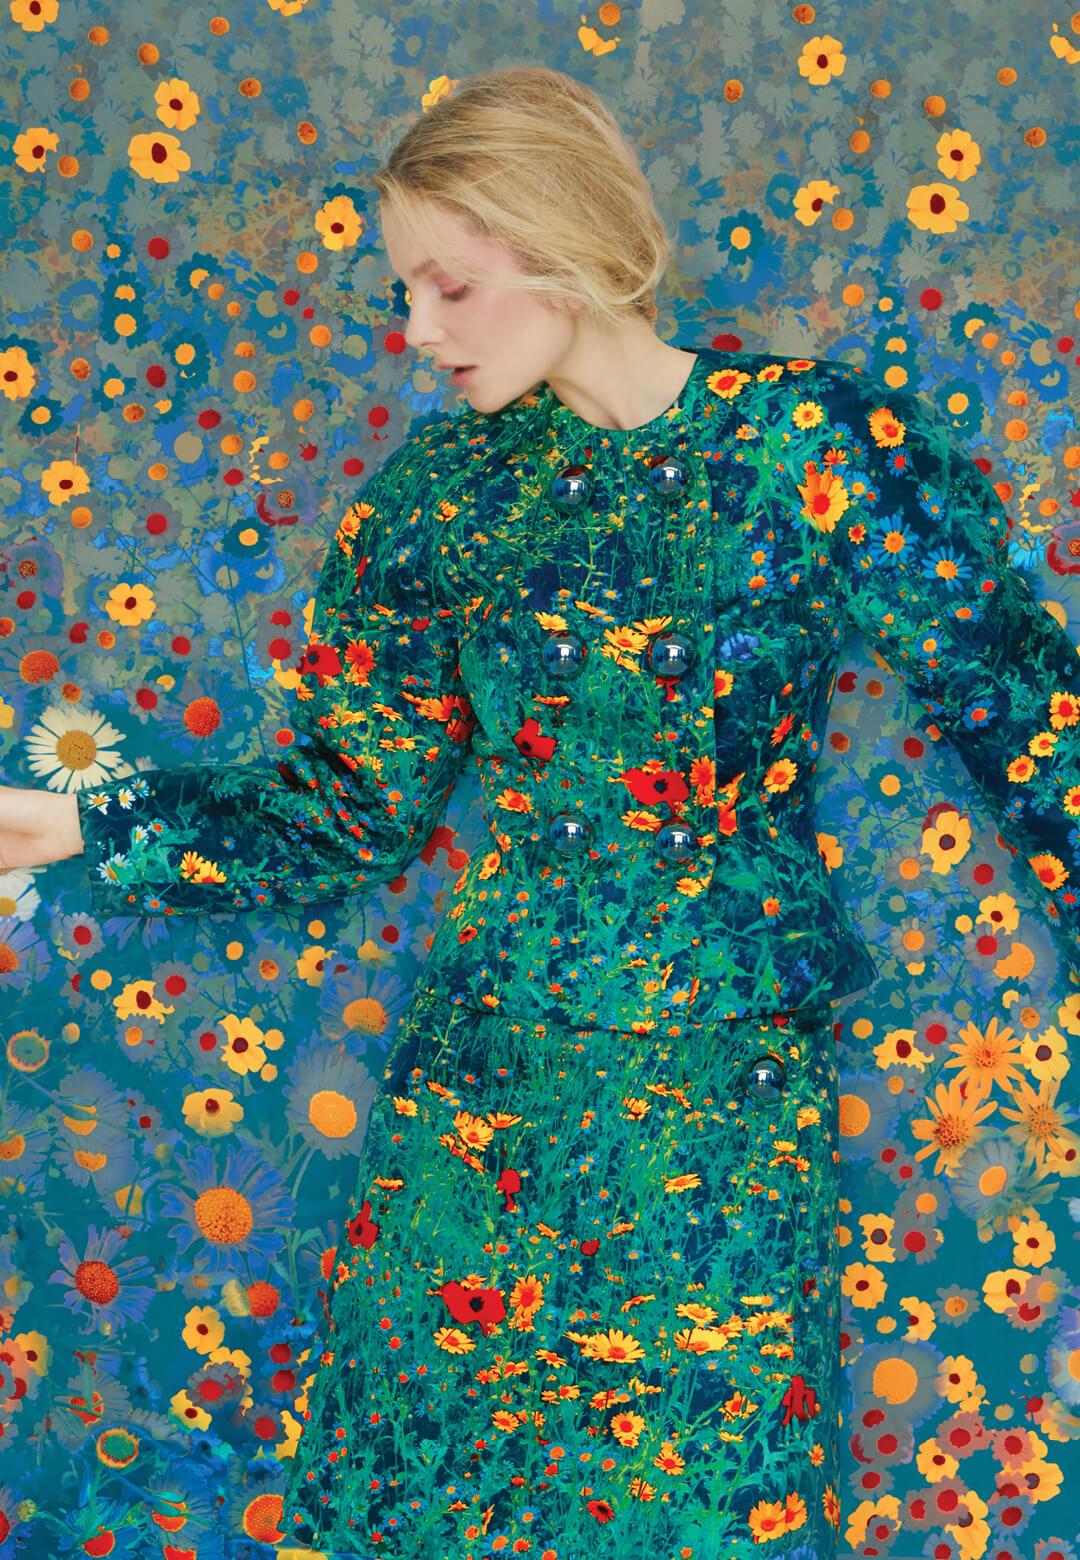 Eniko in Flowers | Erik Madigan Heck | STIRworld